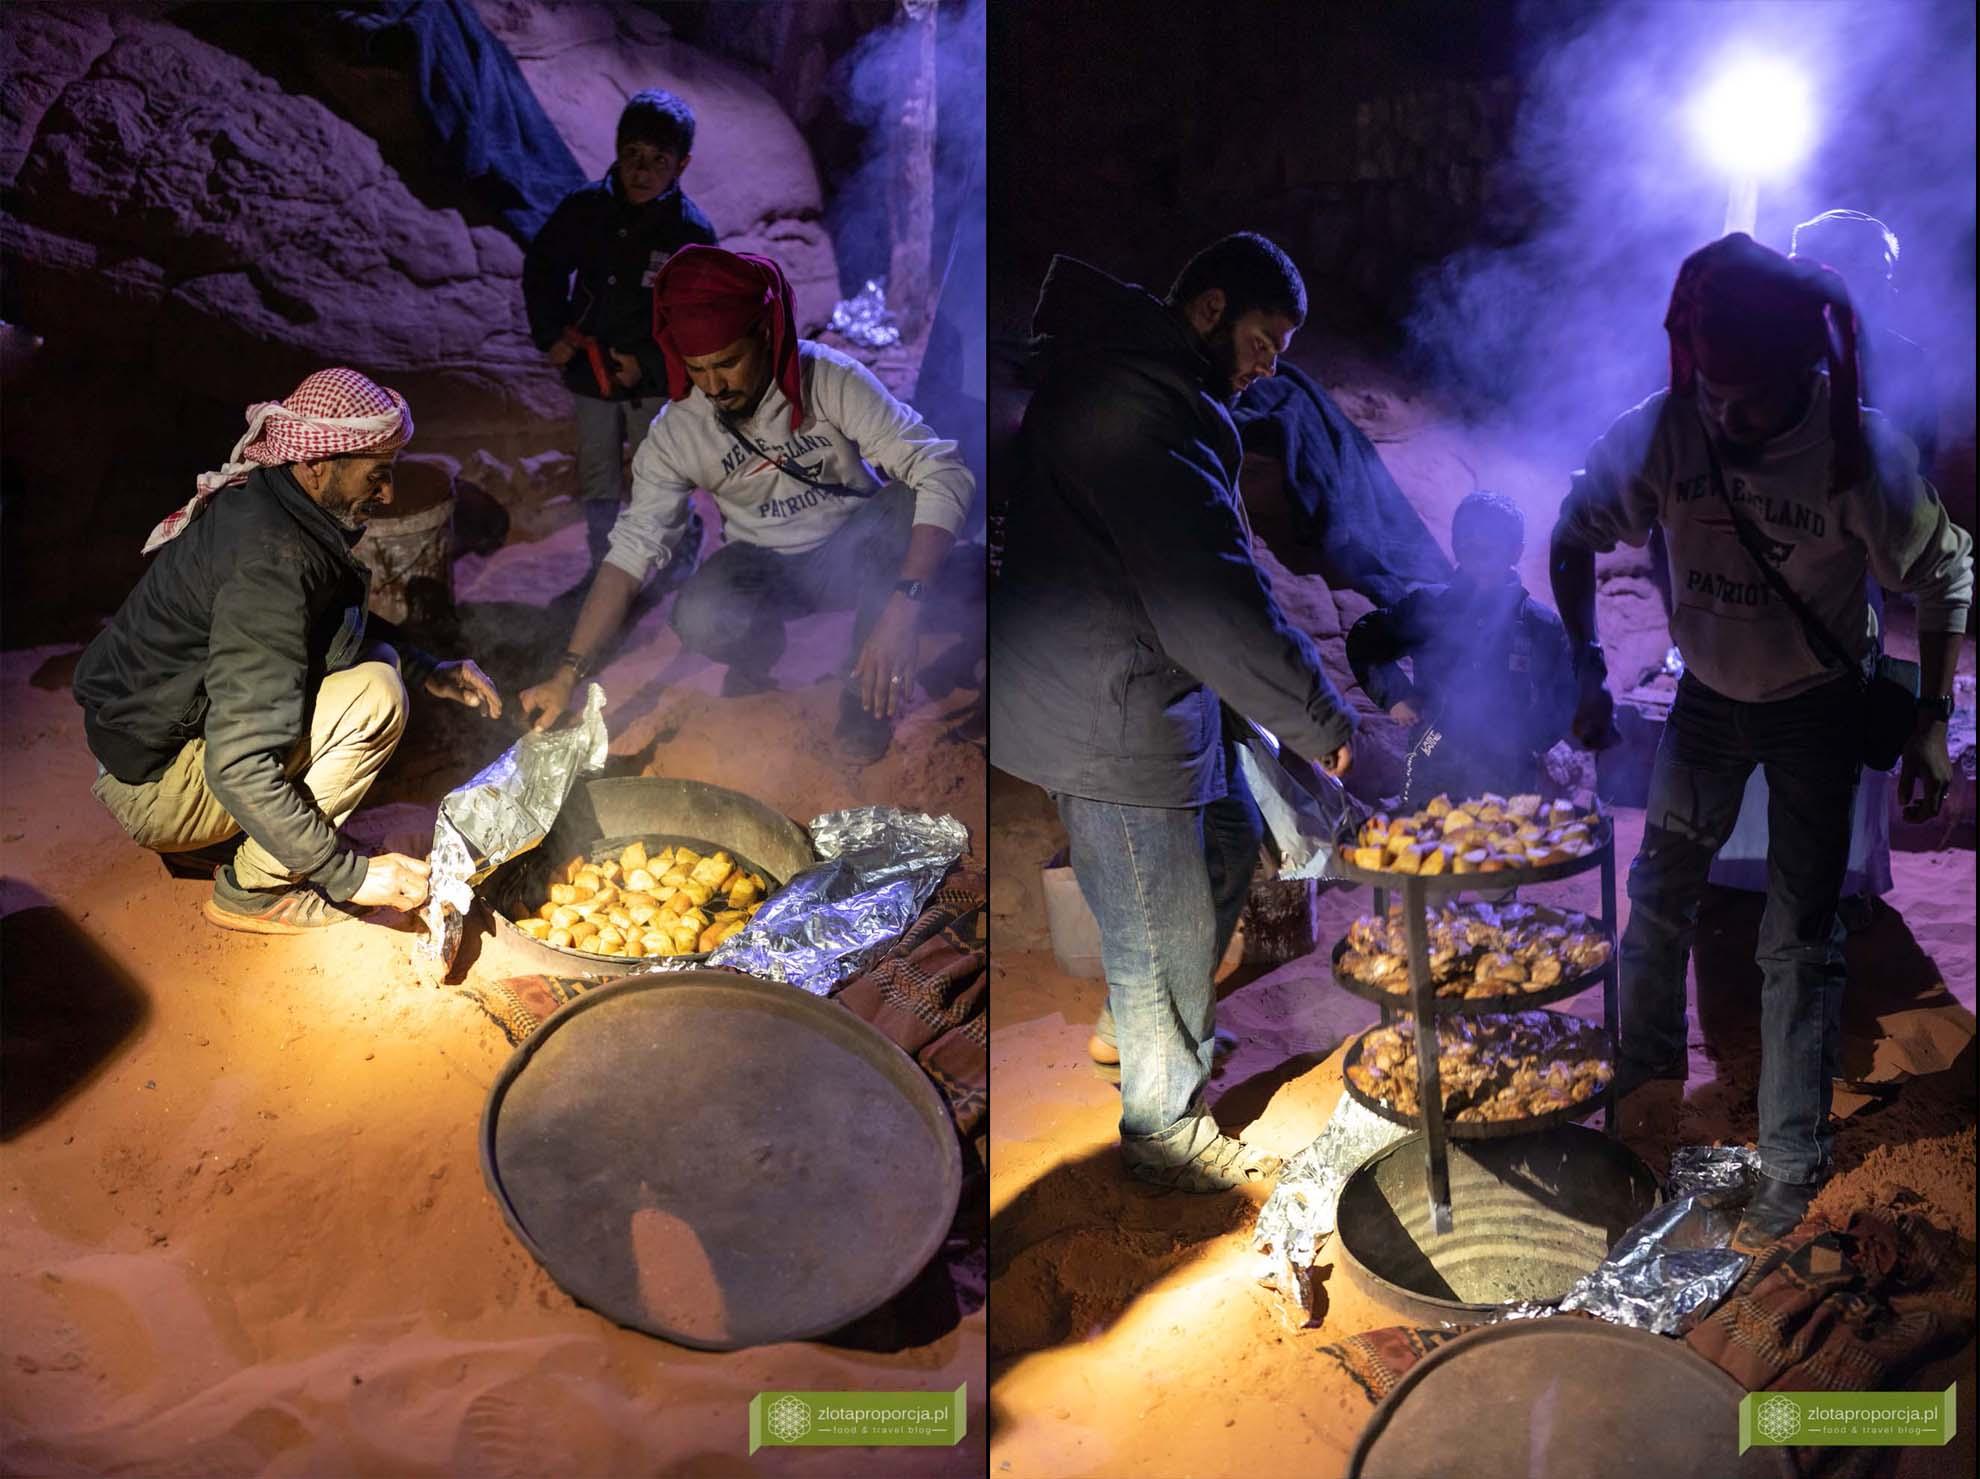 Jordania, pustynia Jordania, Jordania atrakcje; zarb, grill beduiński, Beduini, kuchnia Beduinów, kuchnia Jordanii, grill na pustyni, pustynny piec;